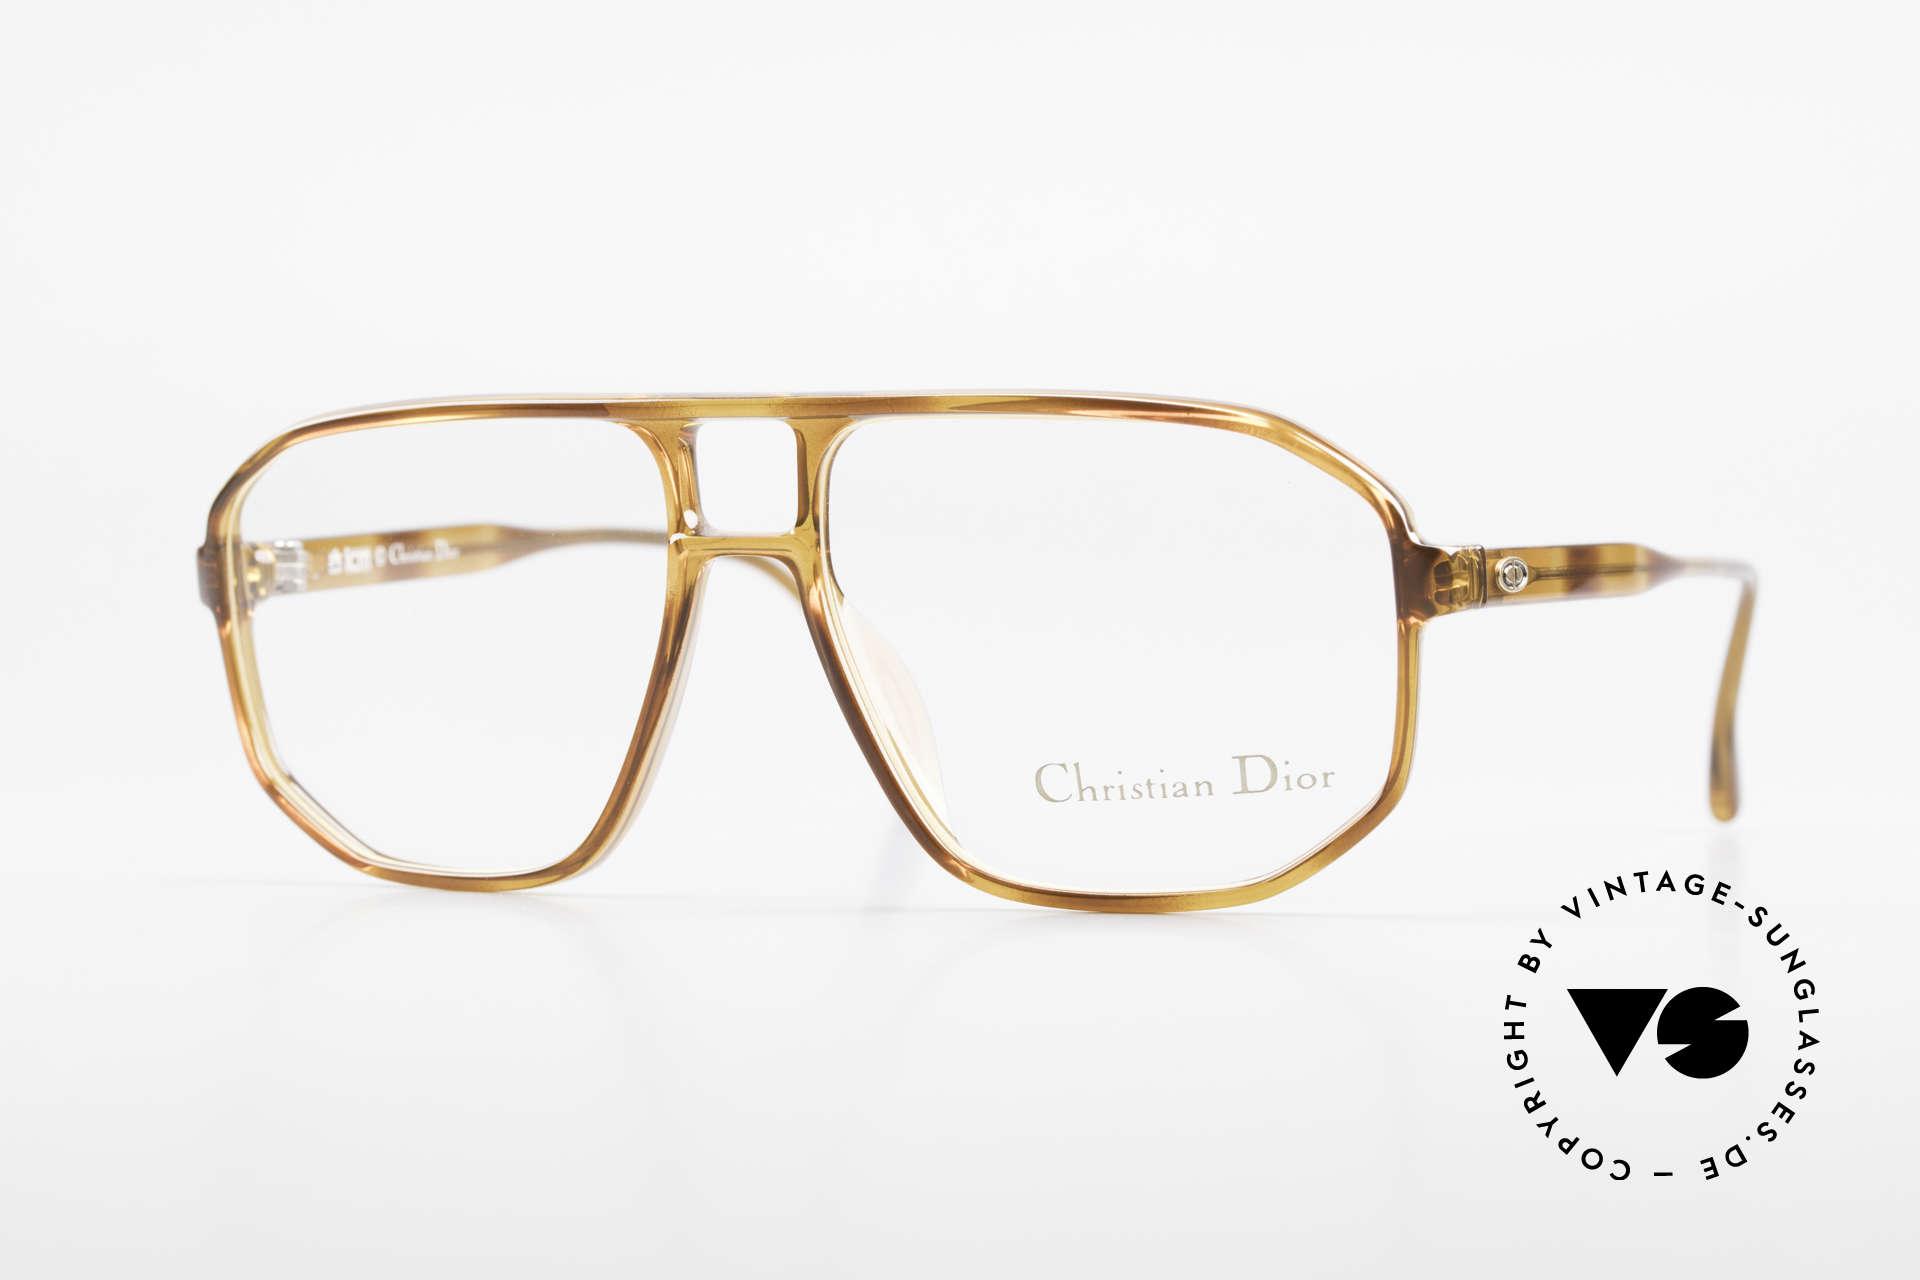 Christian Dior 2485 90er Vintage Herrenbrille, vintage Christian Dior Brille aus dem Jahre 1990, Passend für Herren